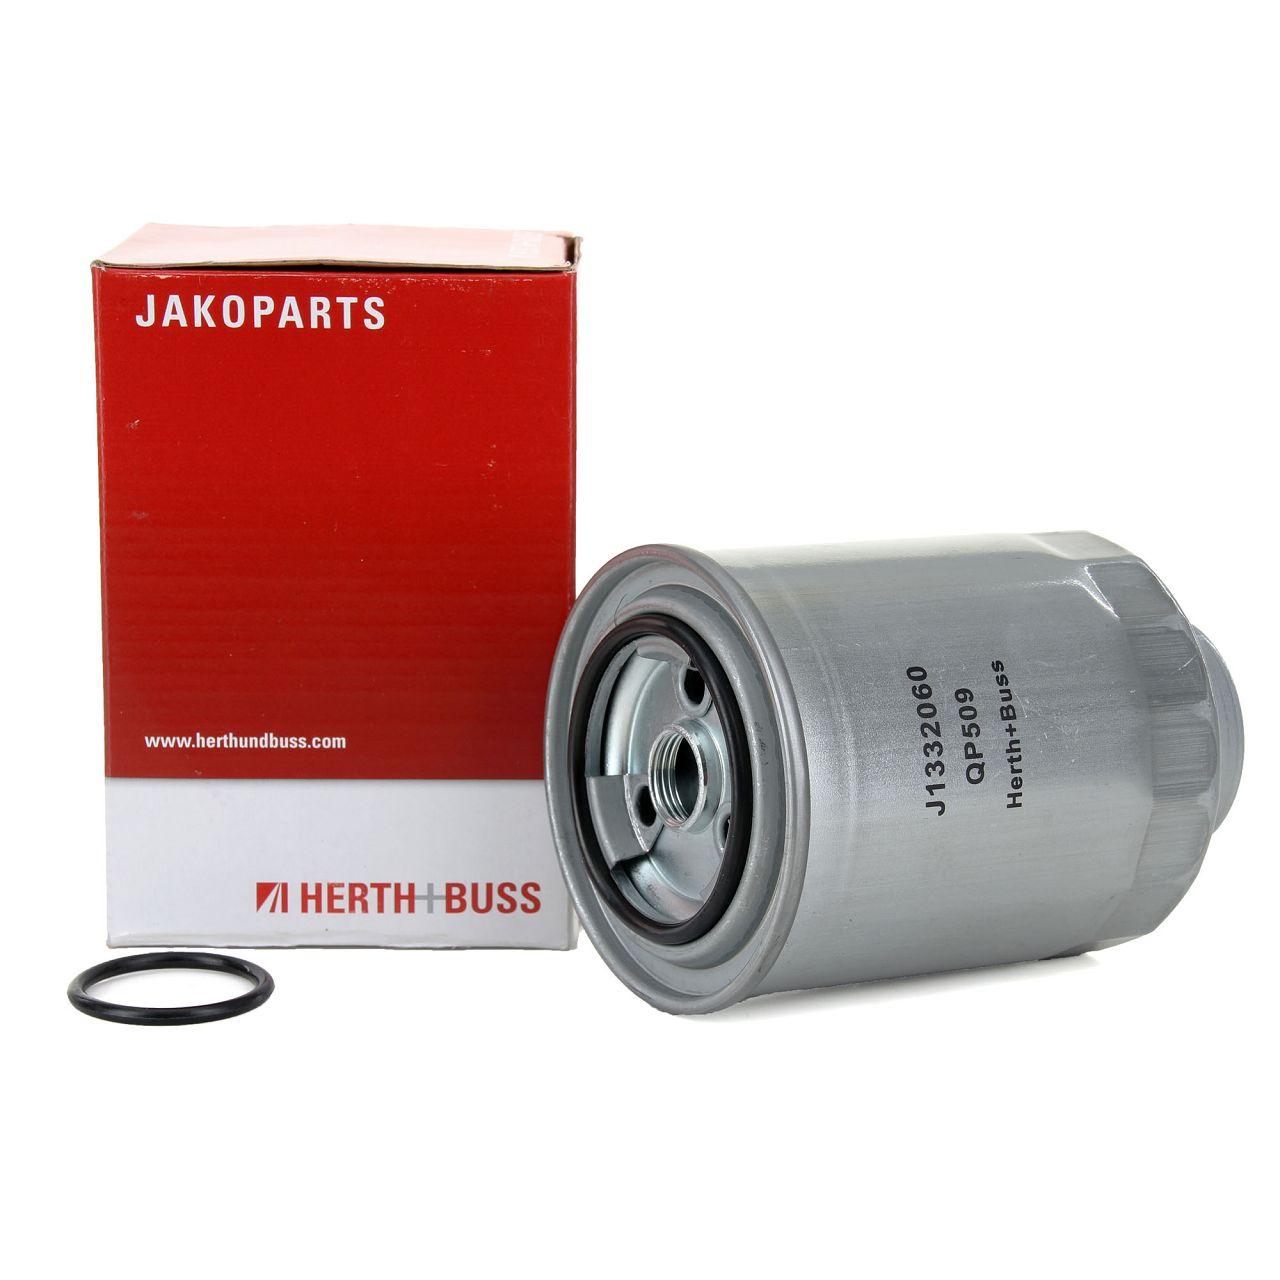 HERTH+BUSS JAKOPARTS Kraftstofffilter Dieselfilter für MAZDA 3 5 6 BT-50 CX-5